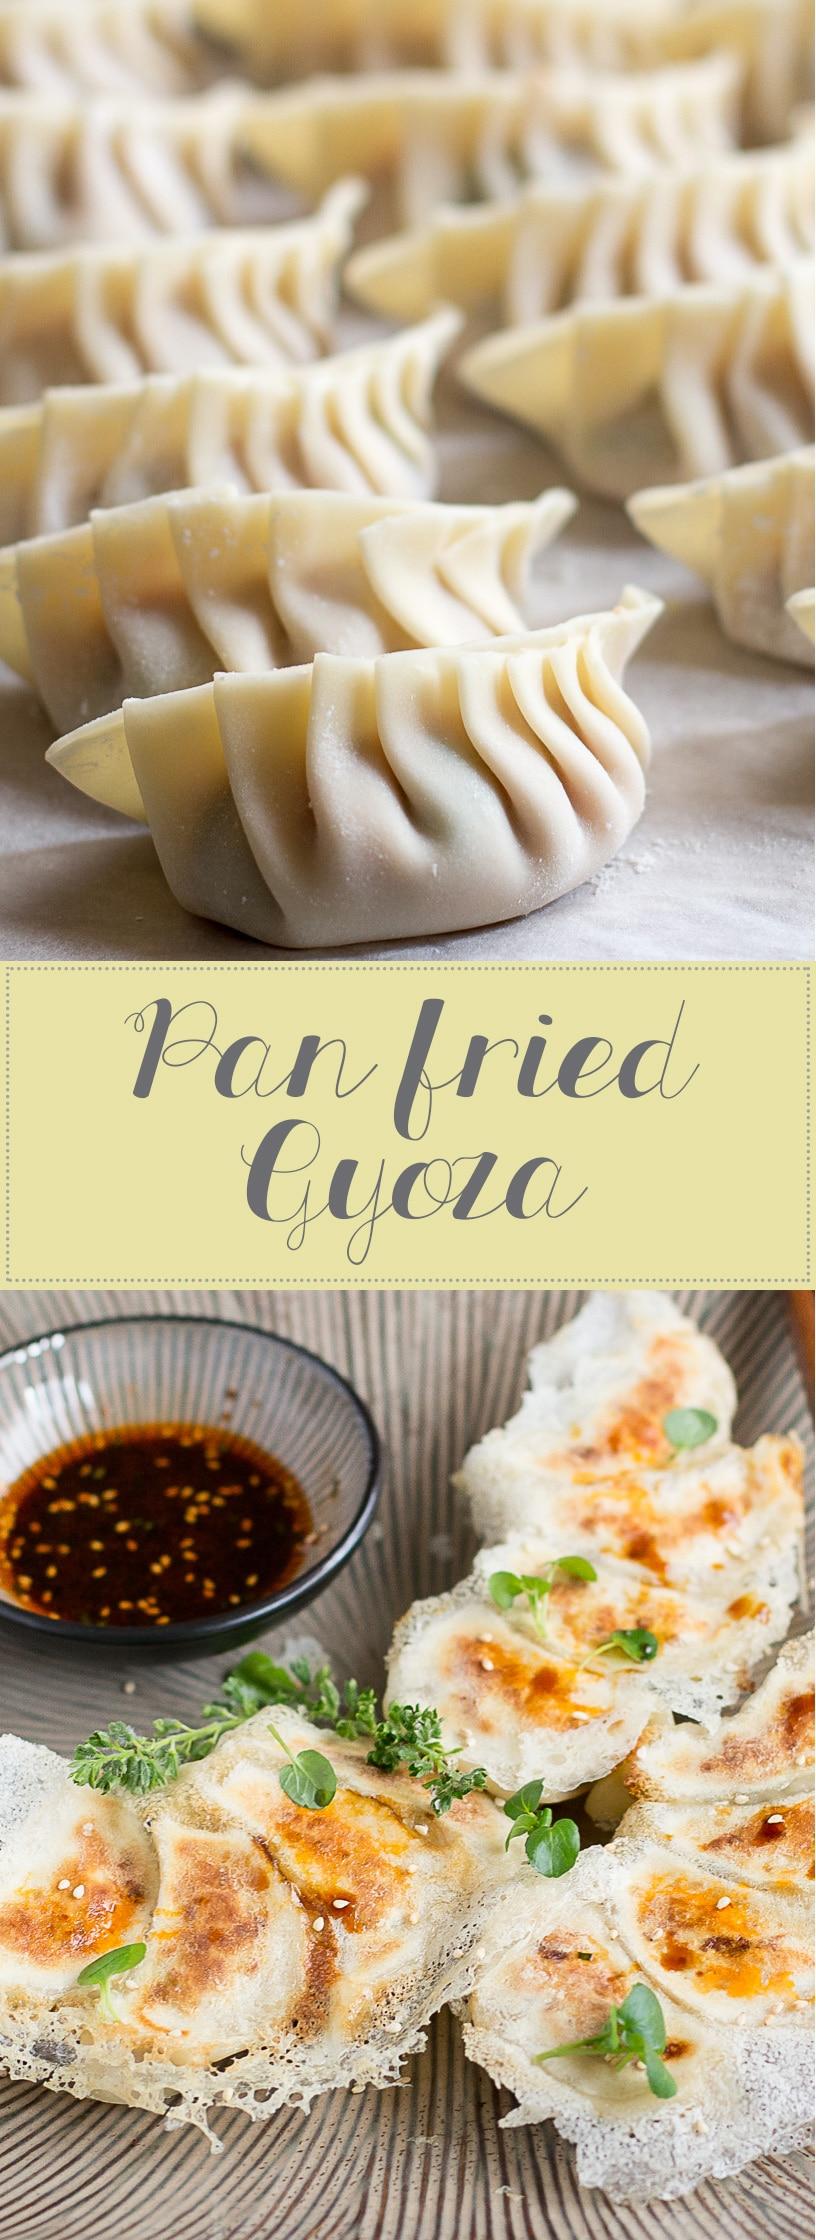 Pan-fried-Gyoza-collage